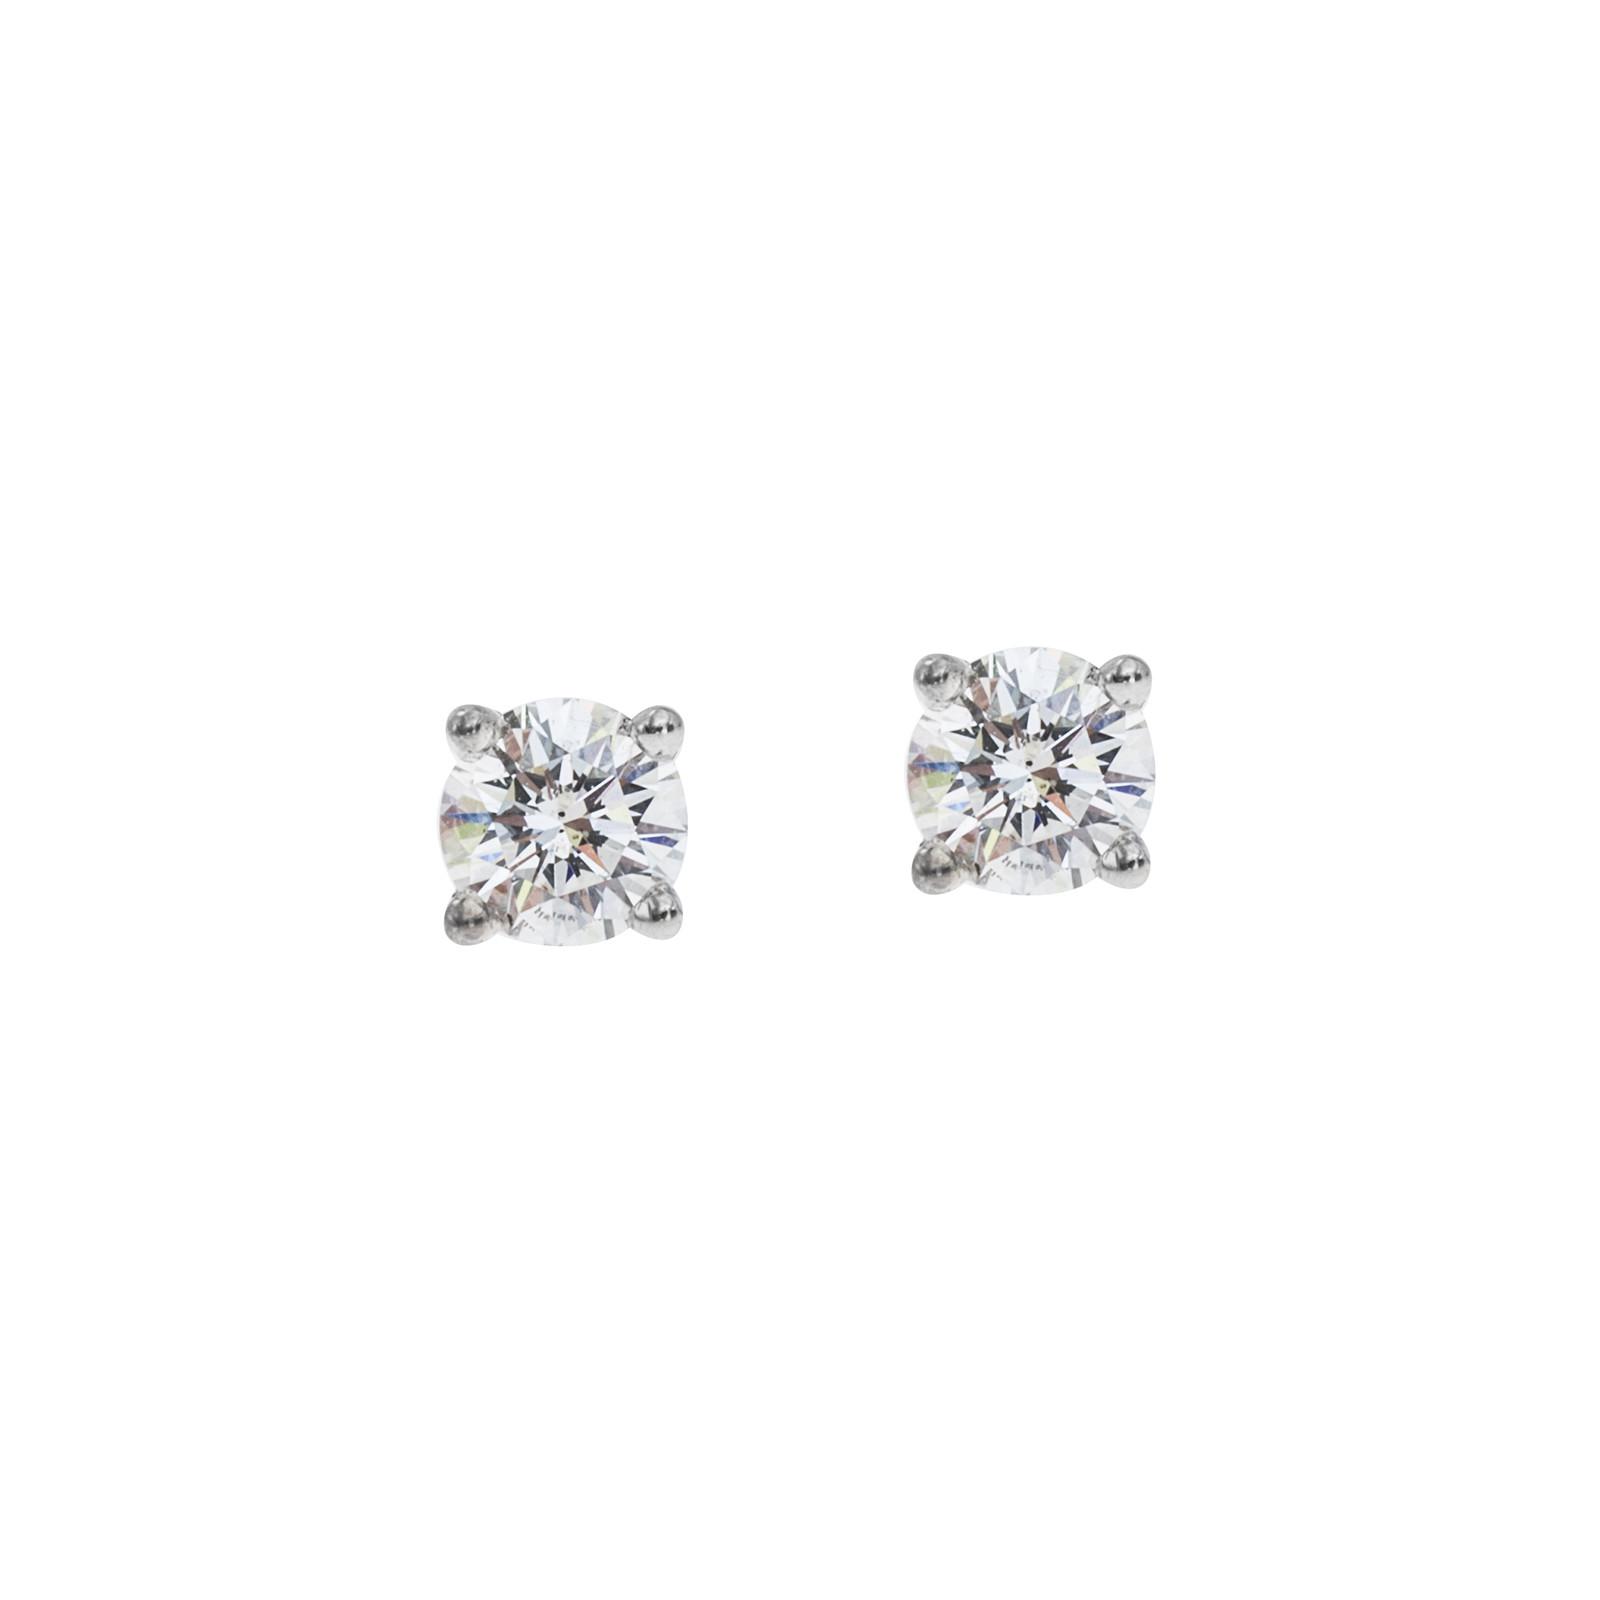 Vintage 0.20 CTW Diamond Stud Earrings